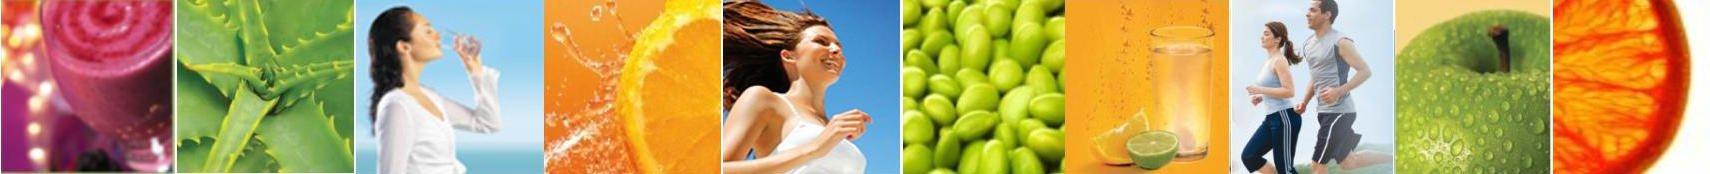 dinherbashop.dk Herbalife Wellness guide